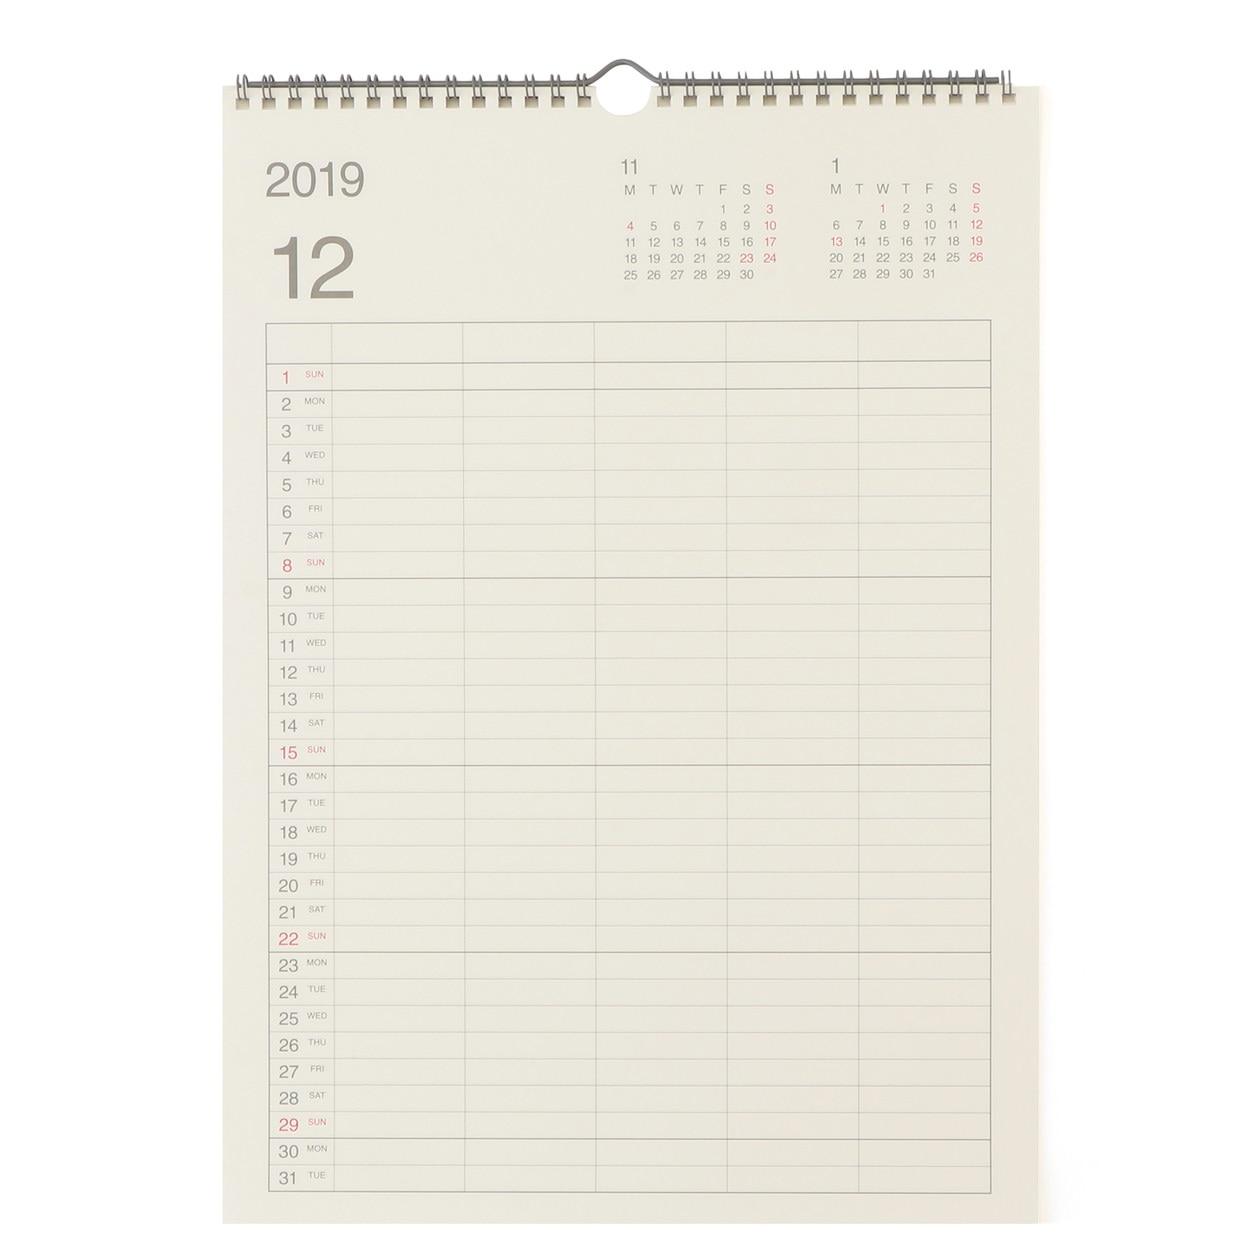 バガスペーパーファミリーカレンダーA3 5人用 1月 12月 通販